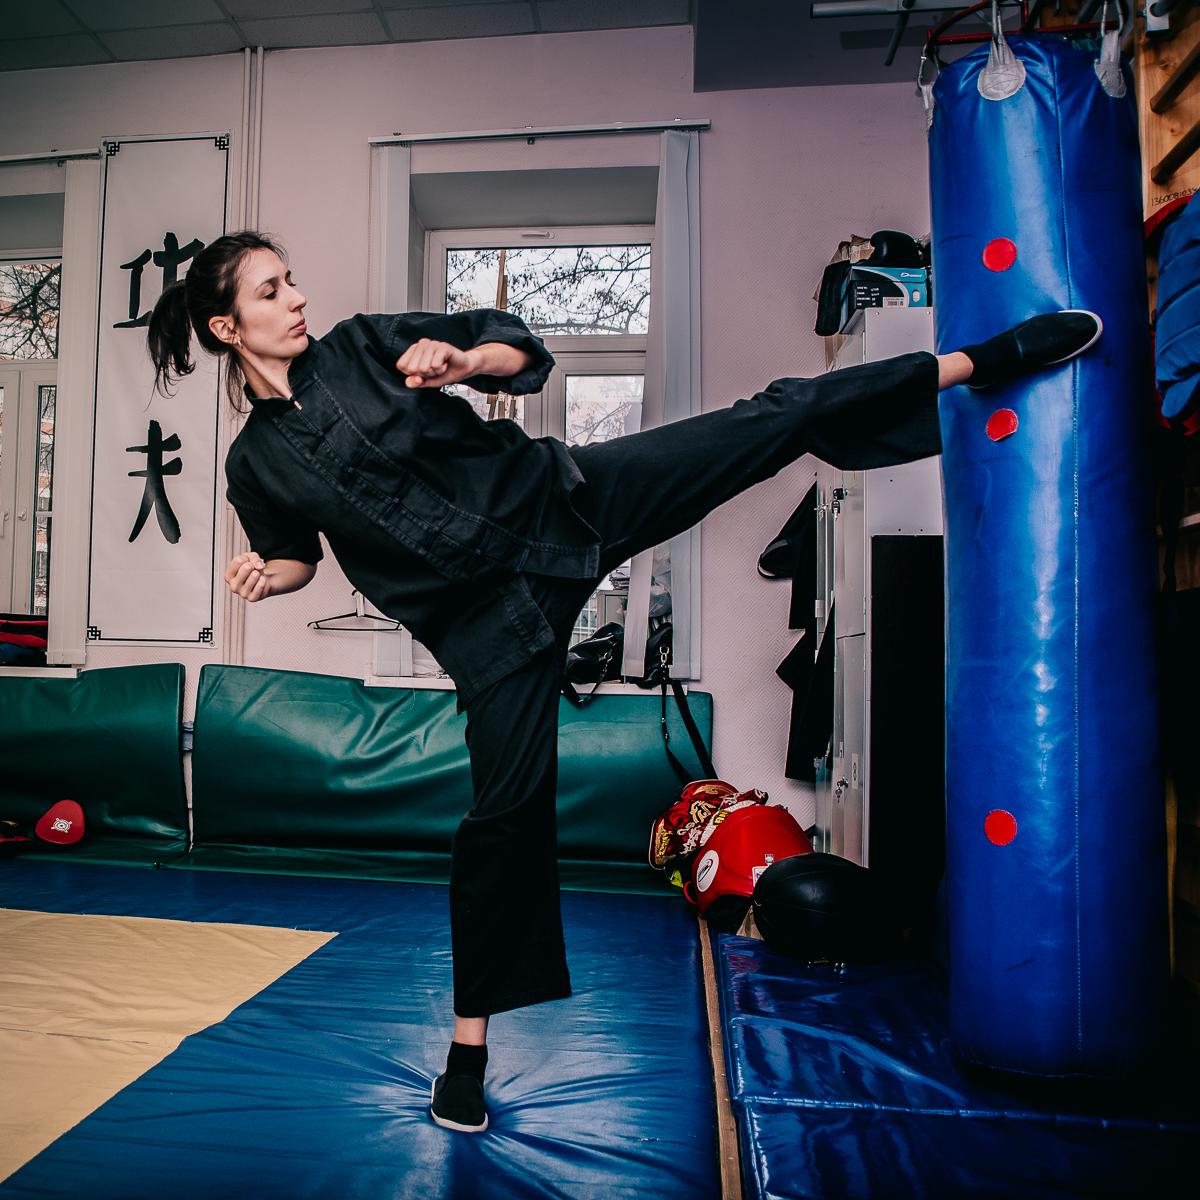 Боевые искусства для девушек в Москве